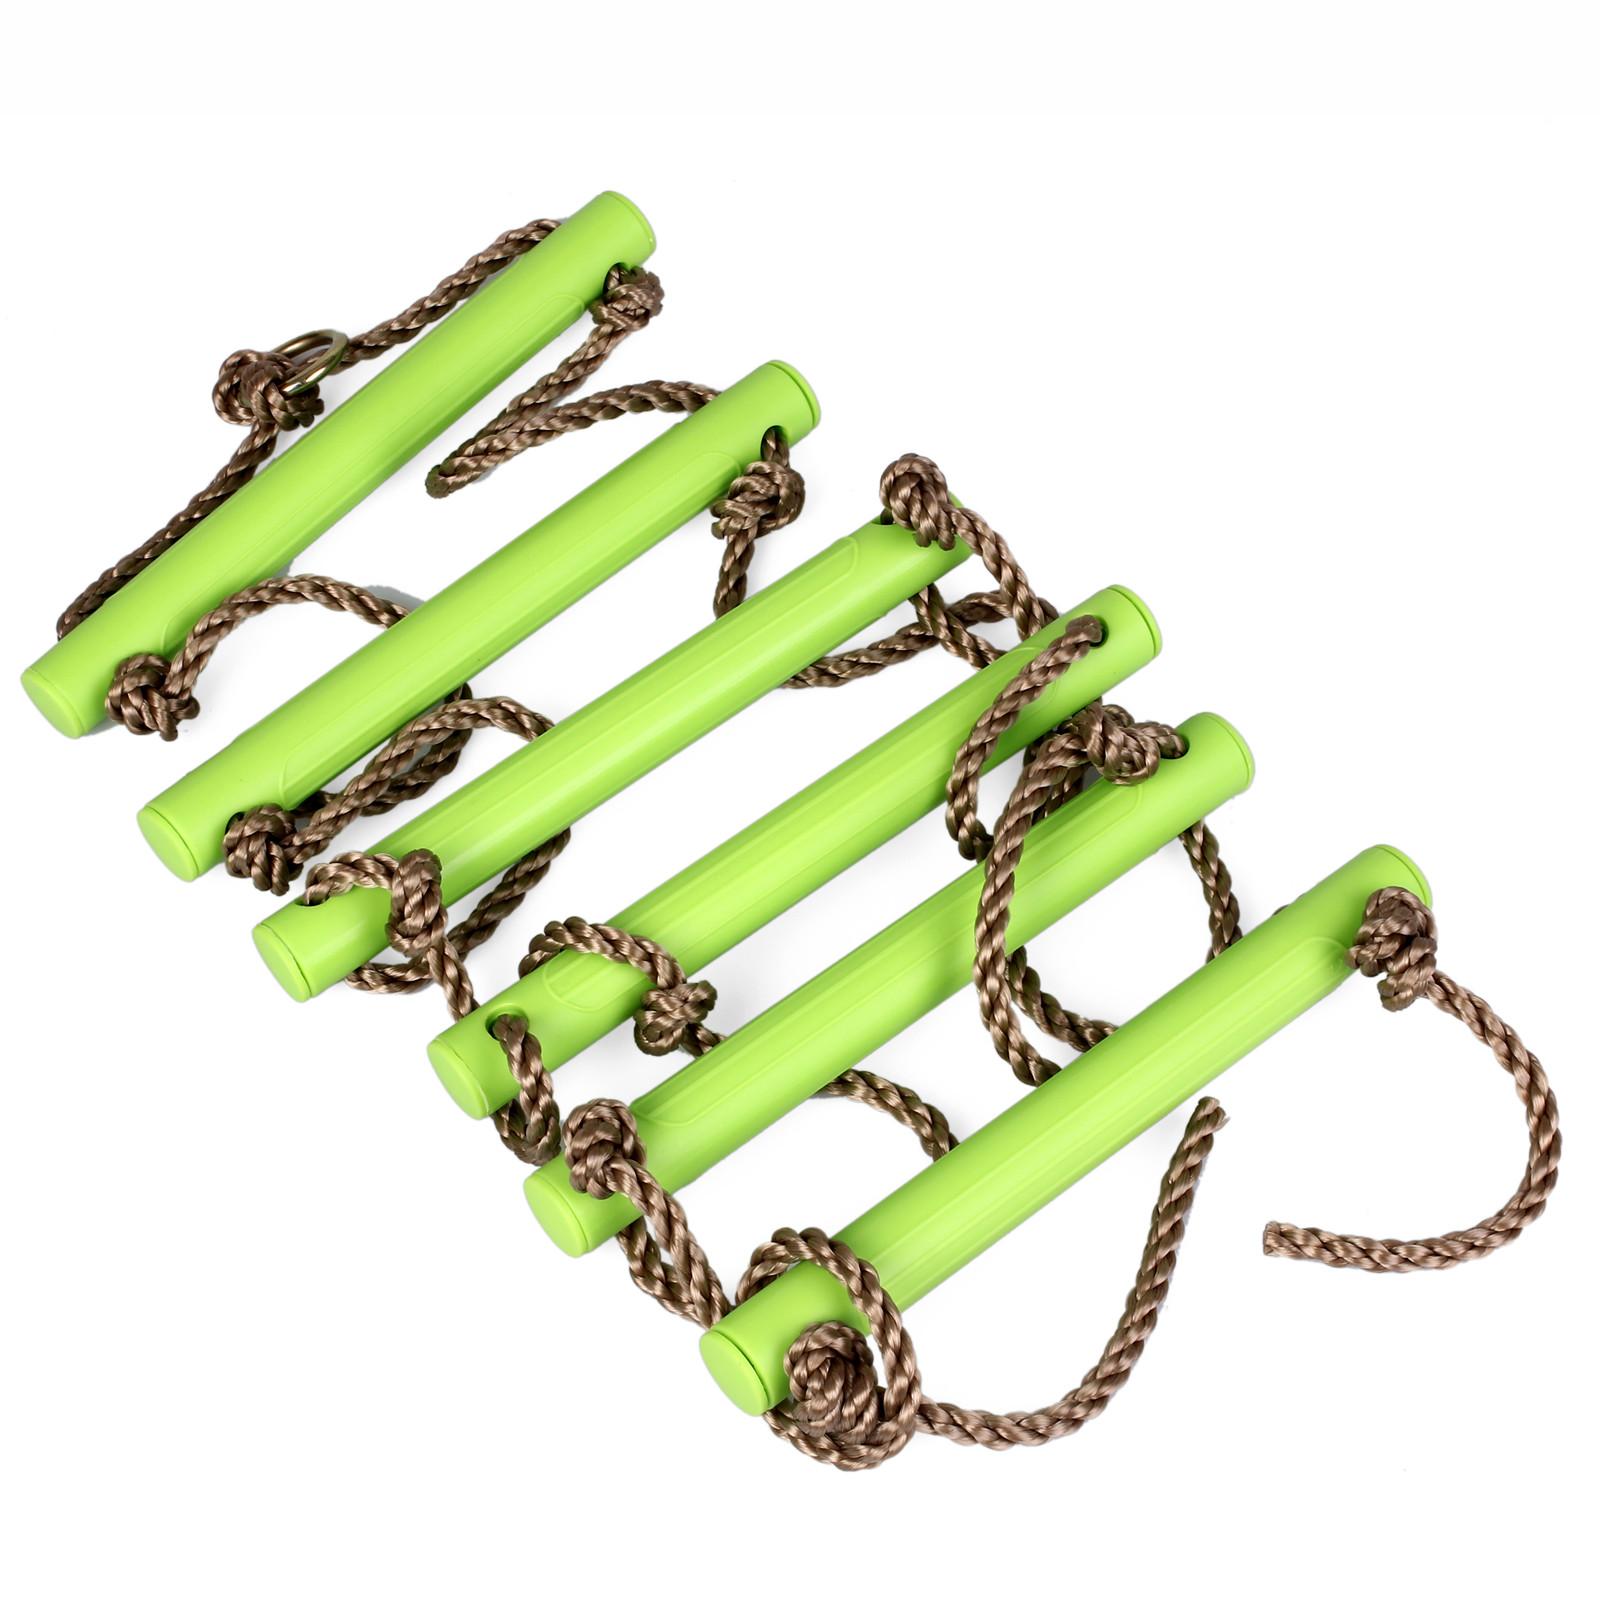 出口欧洲 六档攀爬绳梯 塑料爬梯 加粗绳索 6股3节 儿童感统训练